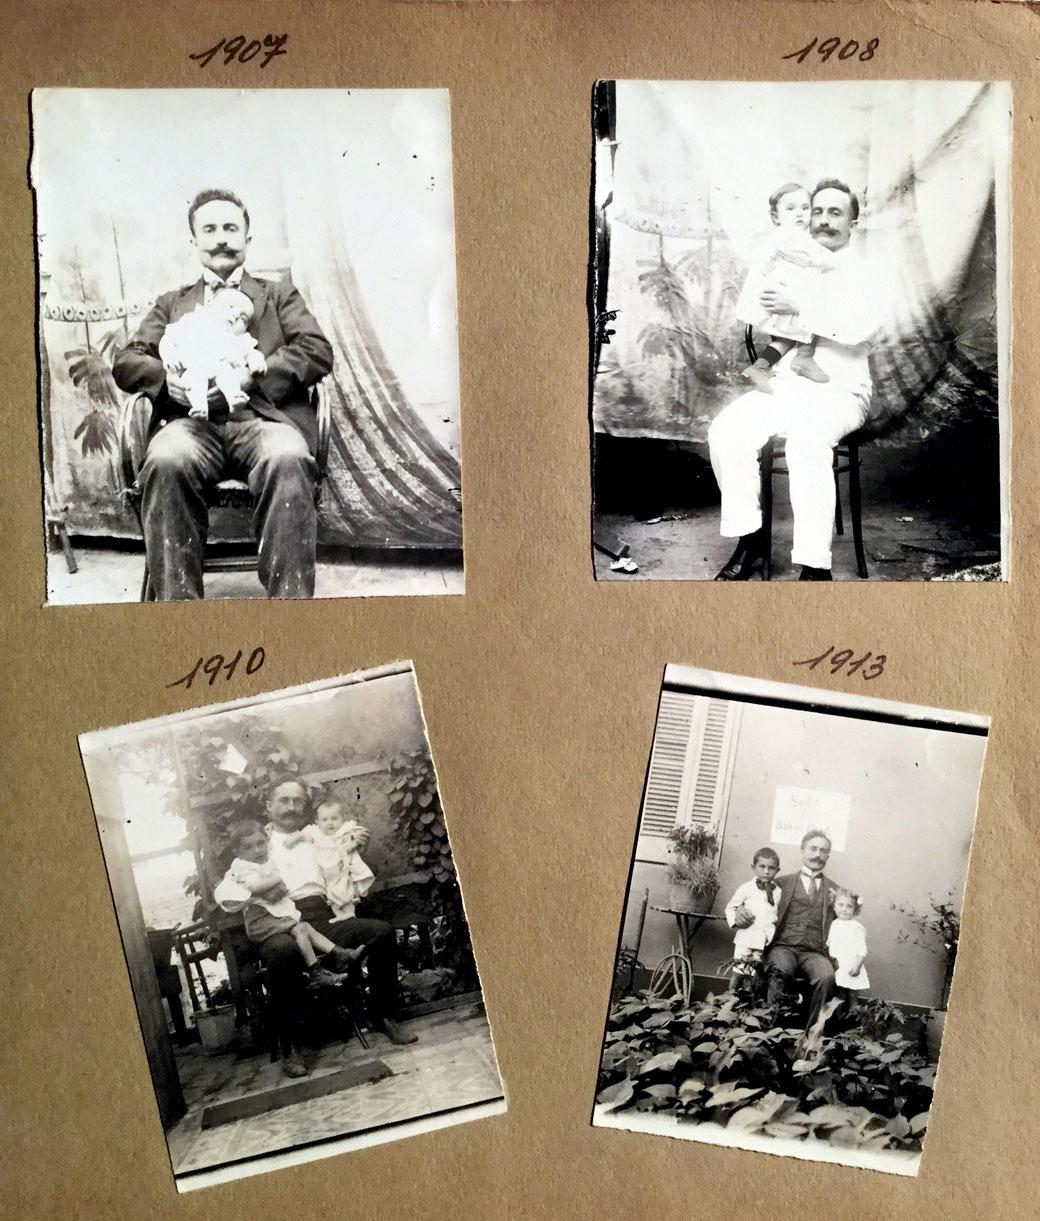 El abuelo Eusebio con sus hijos Ernesto,Maria y Carlos .